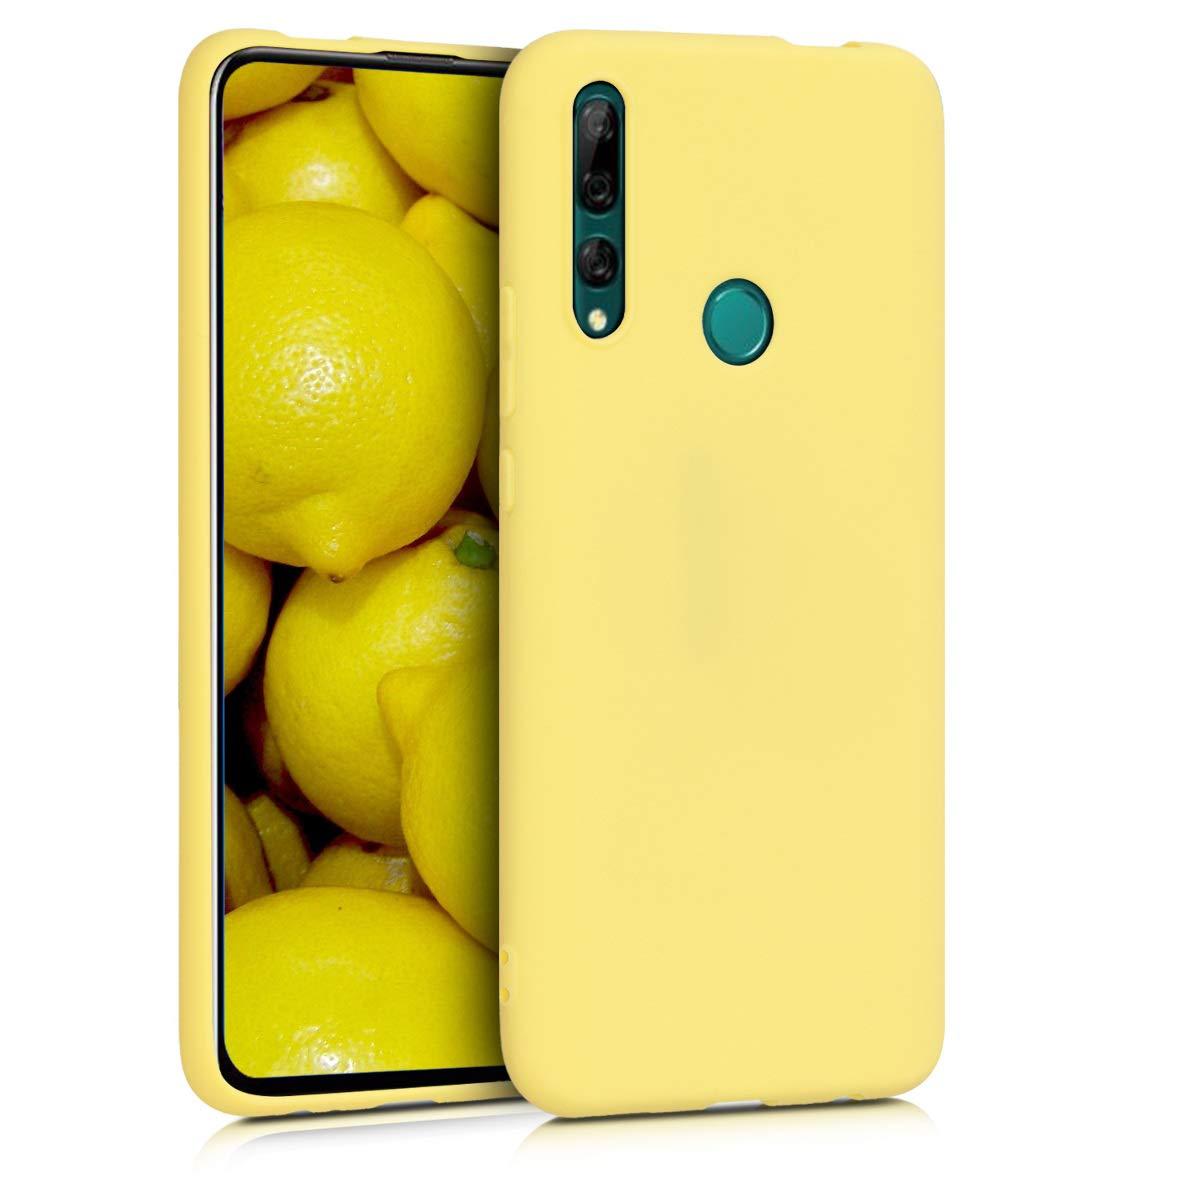 Funda De Silicona Para Huawei Y9 Prime (2019) Amarilla